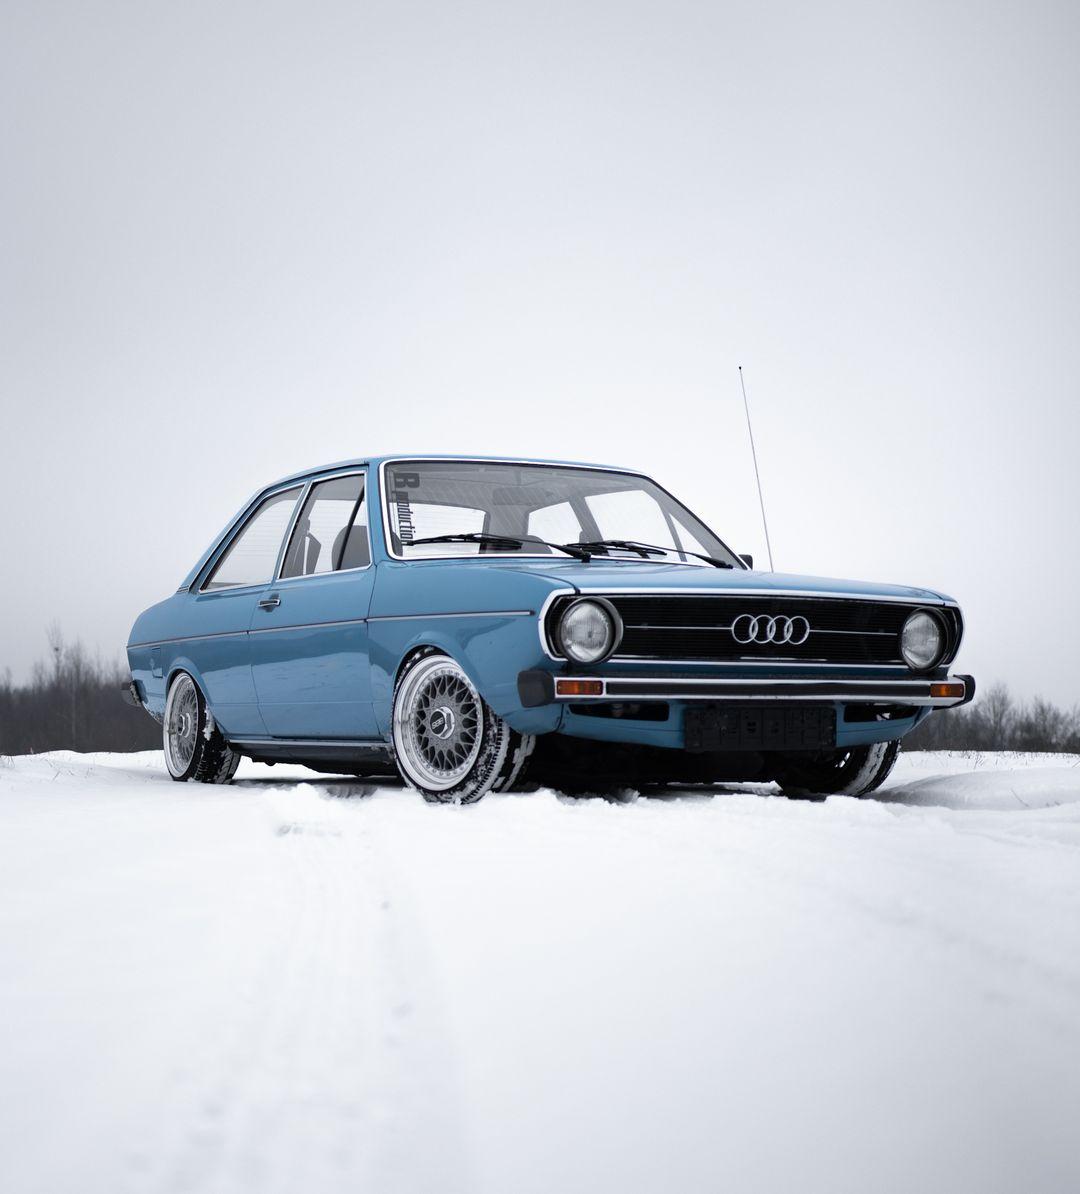 Custom Audi car in field of snow